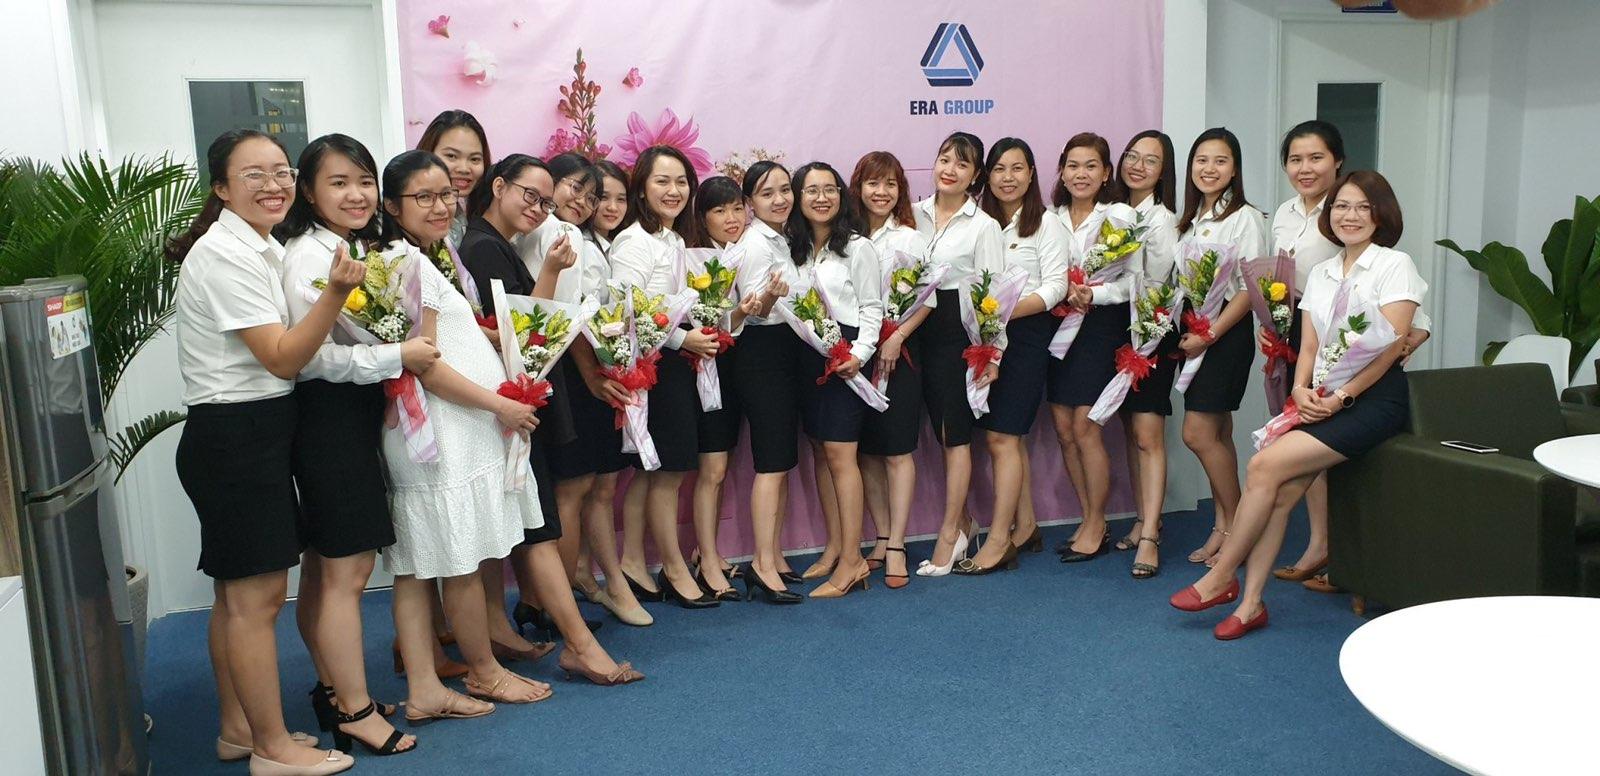 Hình ảnh những người phụ nữ quyền lực taig Era Group